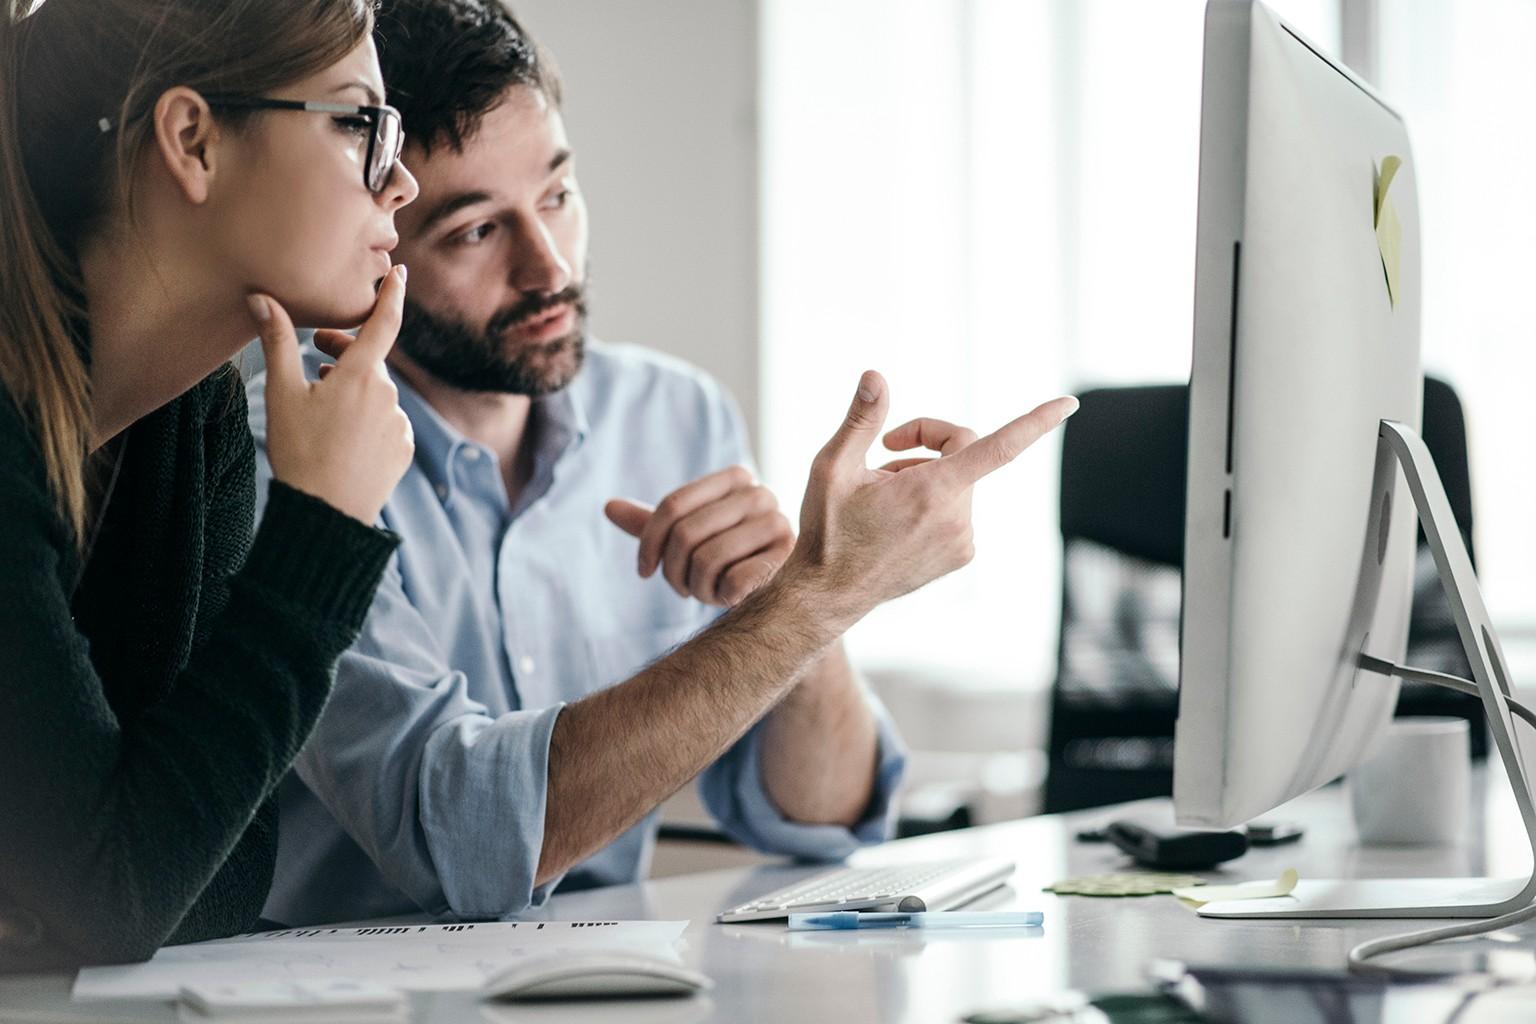 Kvinna och man framför en dator med bokslutsprogram från wolters kluwer